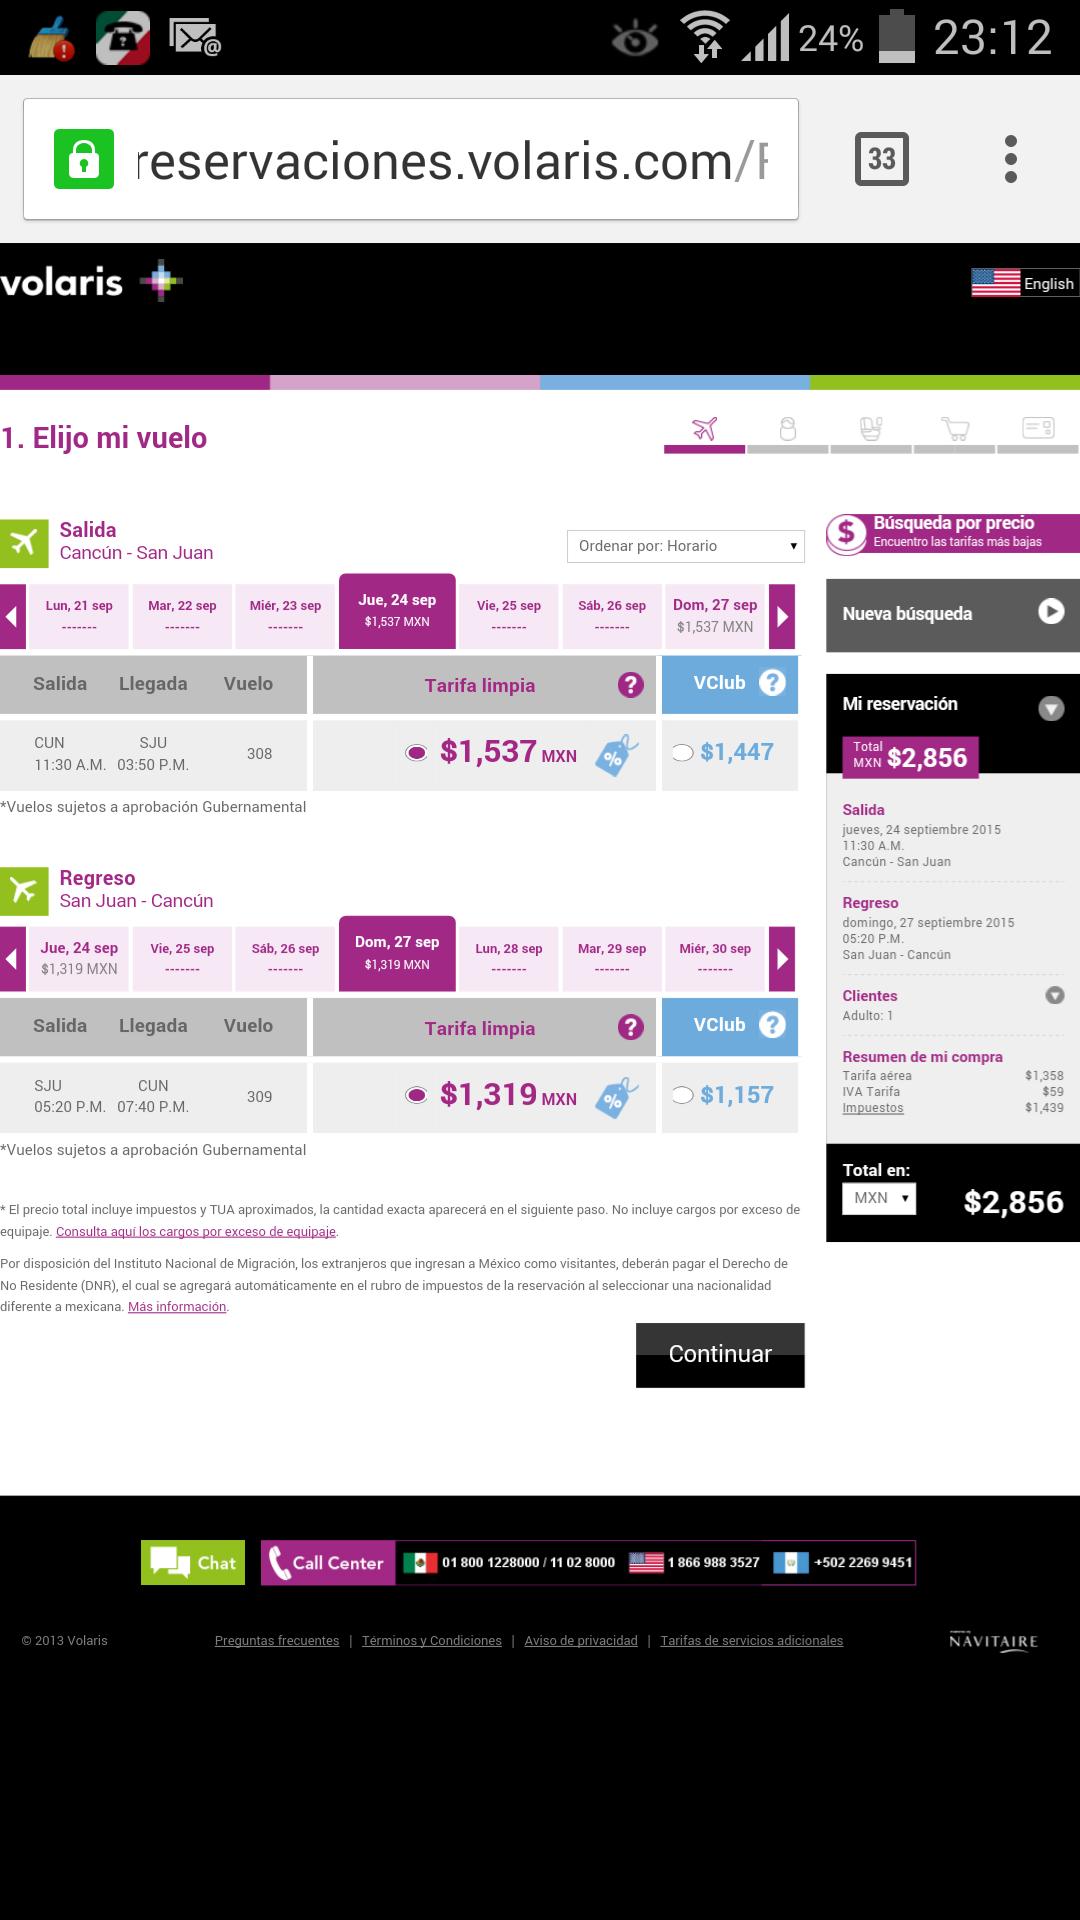 Volaris: Vuelos Cancún - Puerto Rico con 50% de descuento desde $2,856 (menos si eres Vclub)